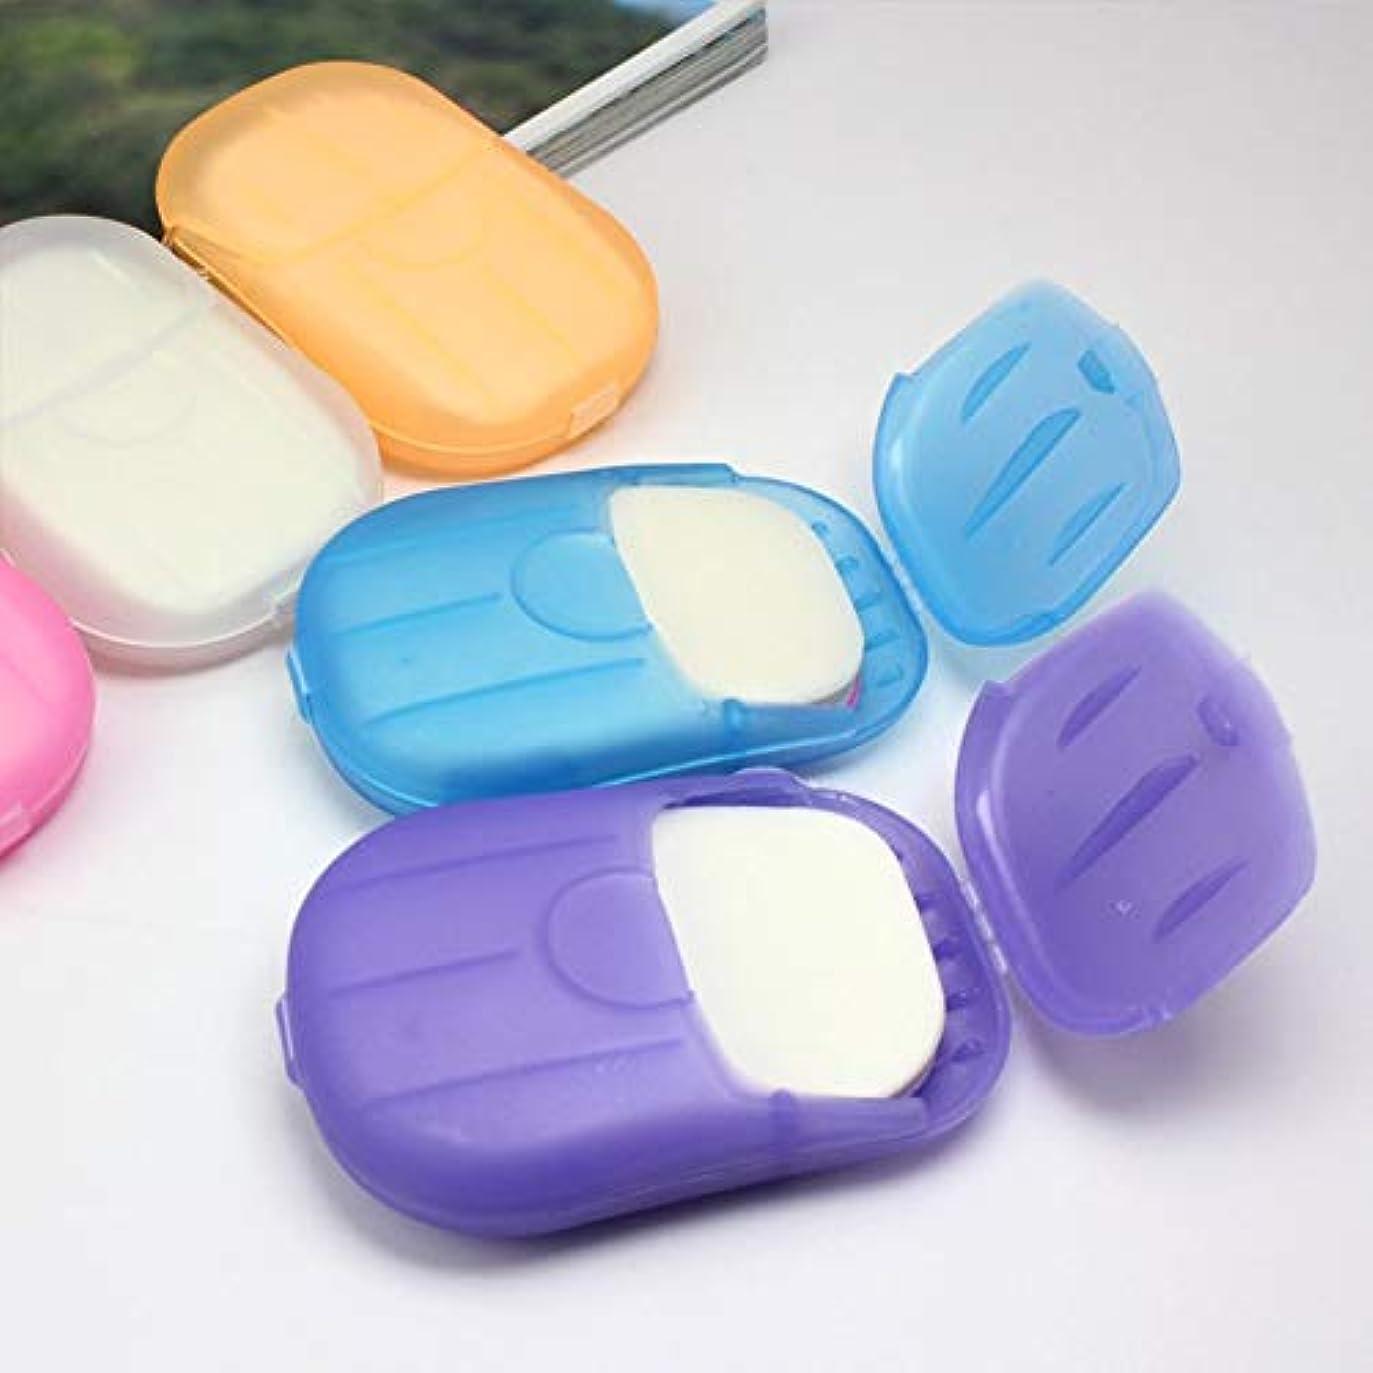 もっと記念碑的な容疑者20 Pcs Paper Soap Outdoor Travel Bath Soap Tablets Portable Hand-washing